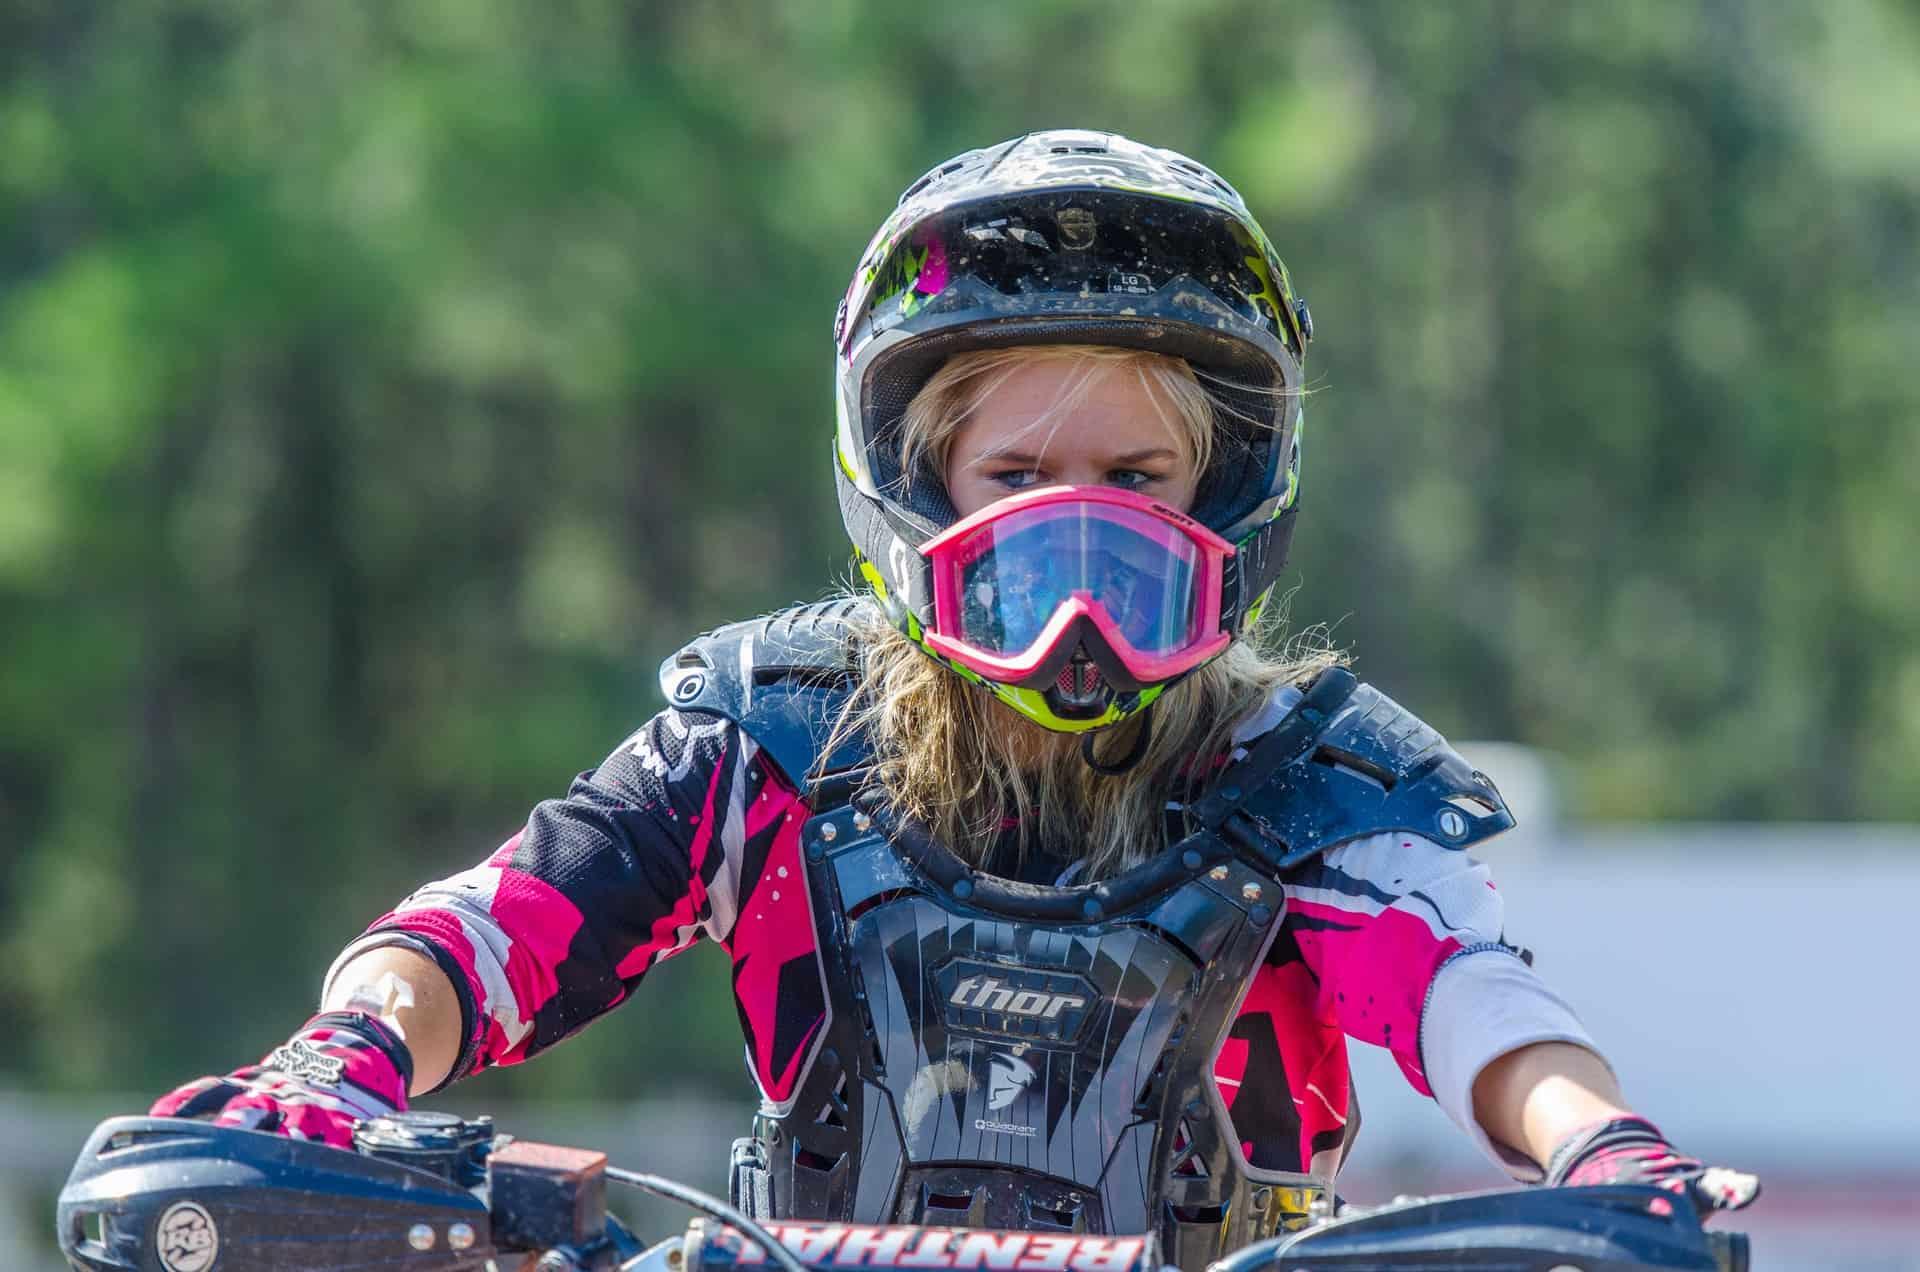 woman eyeshield helmet